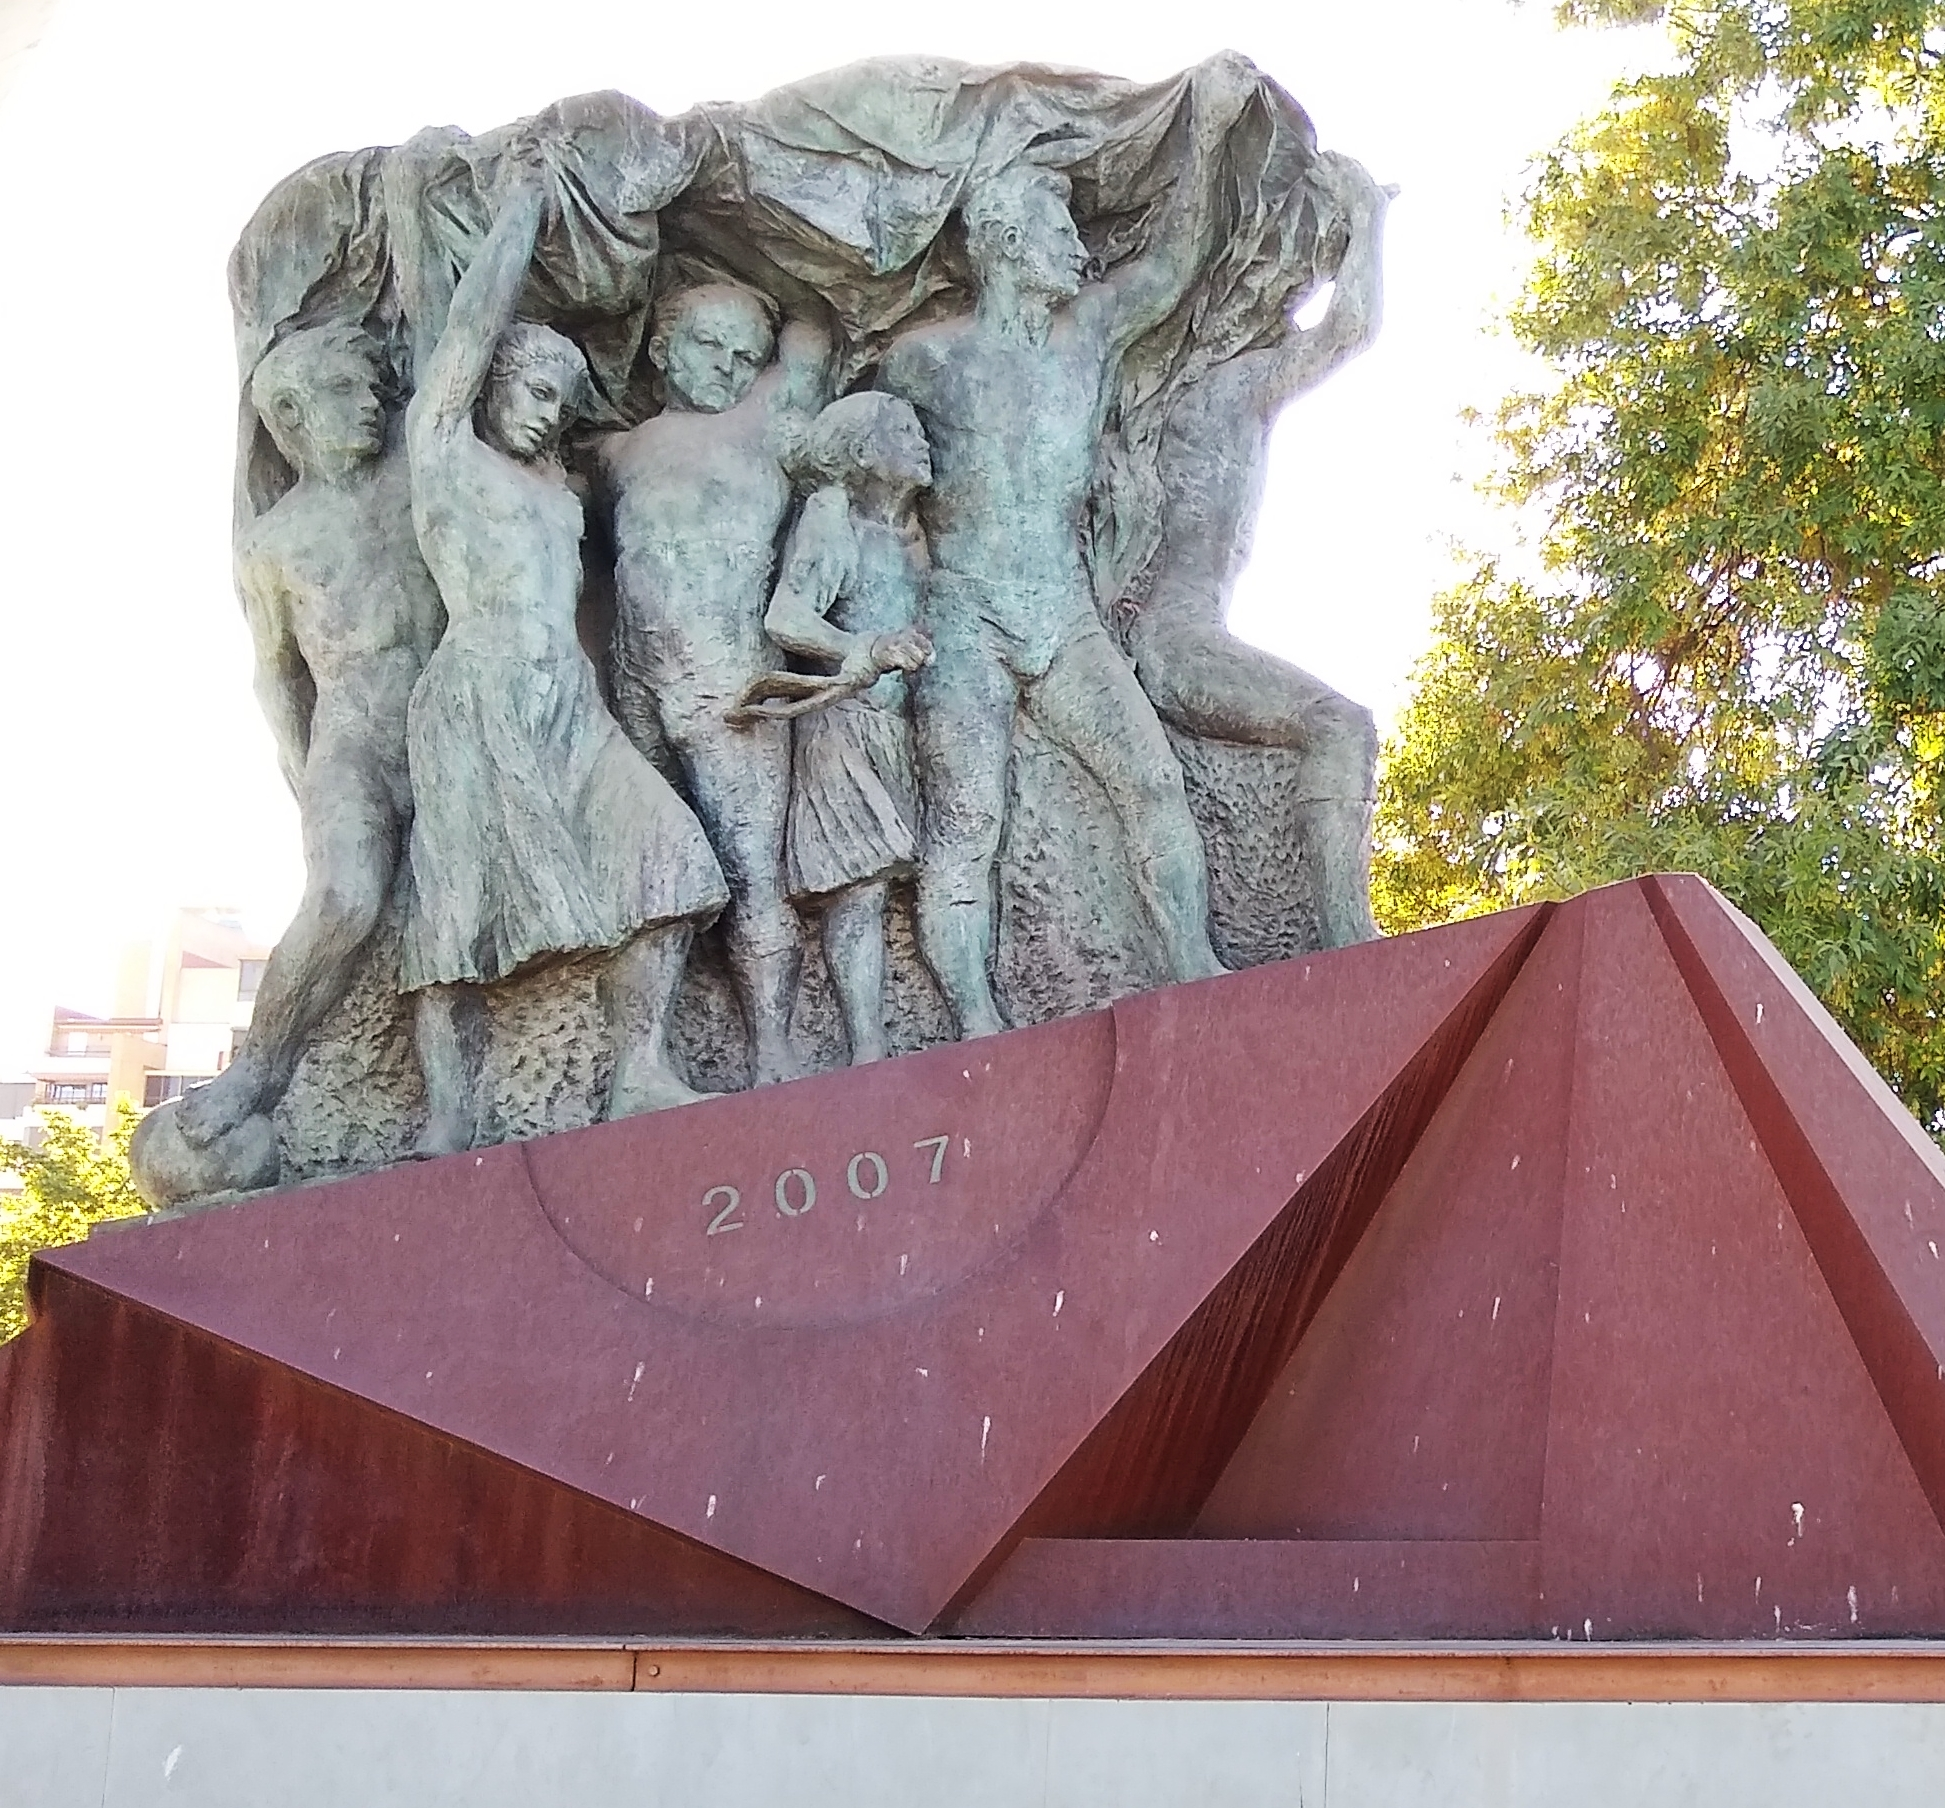 la Afición del Real Betis Balompié 03.jpg Español: Monumento a la Afición del Real Betis Balompié. Estadio Benito Villamarín. Sevilla, Andalucía, España